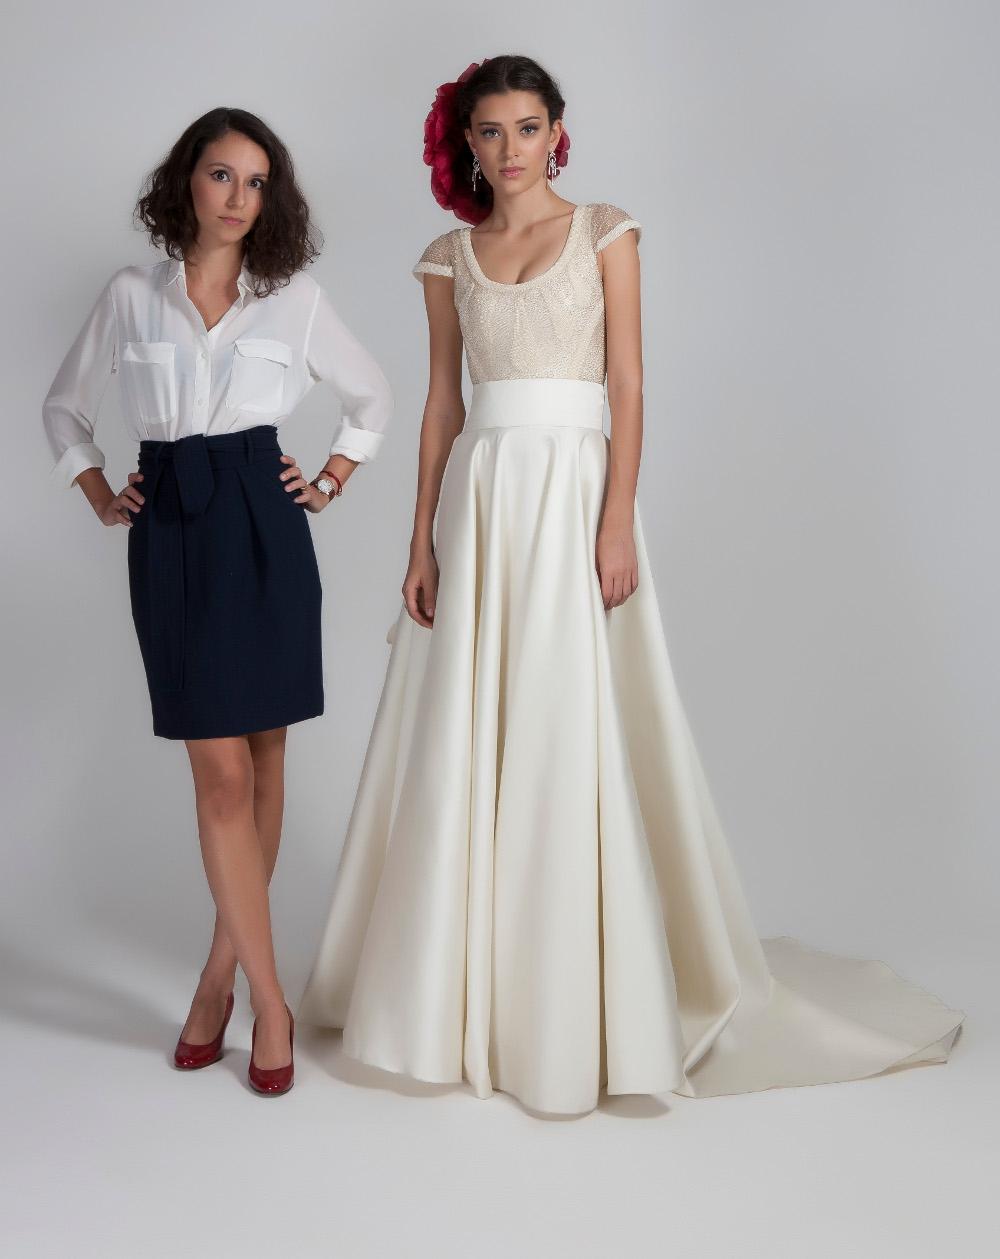 A estilista Maria Mendes de Almeida e uma das suas noivas